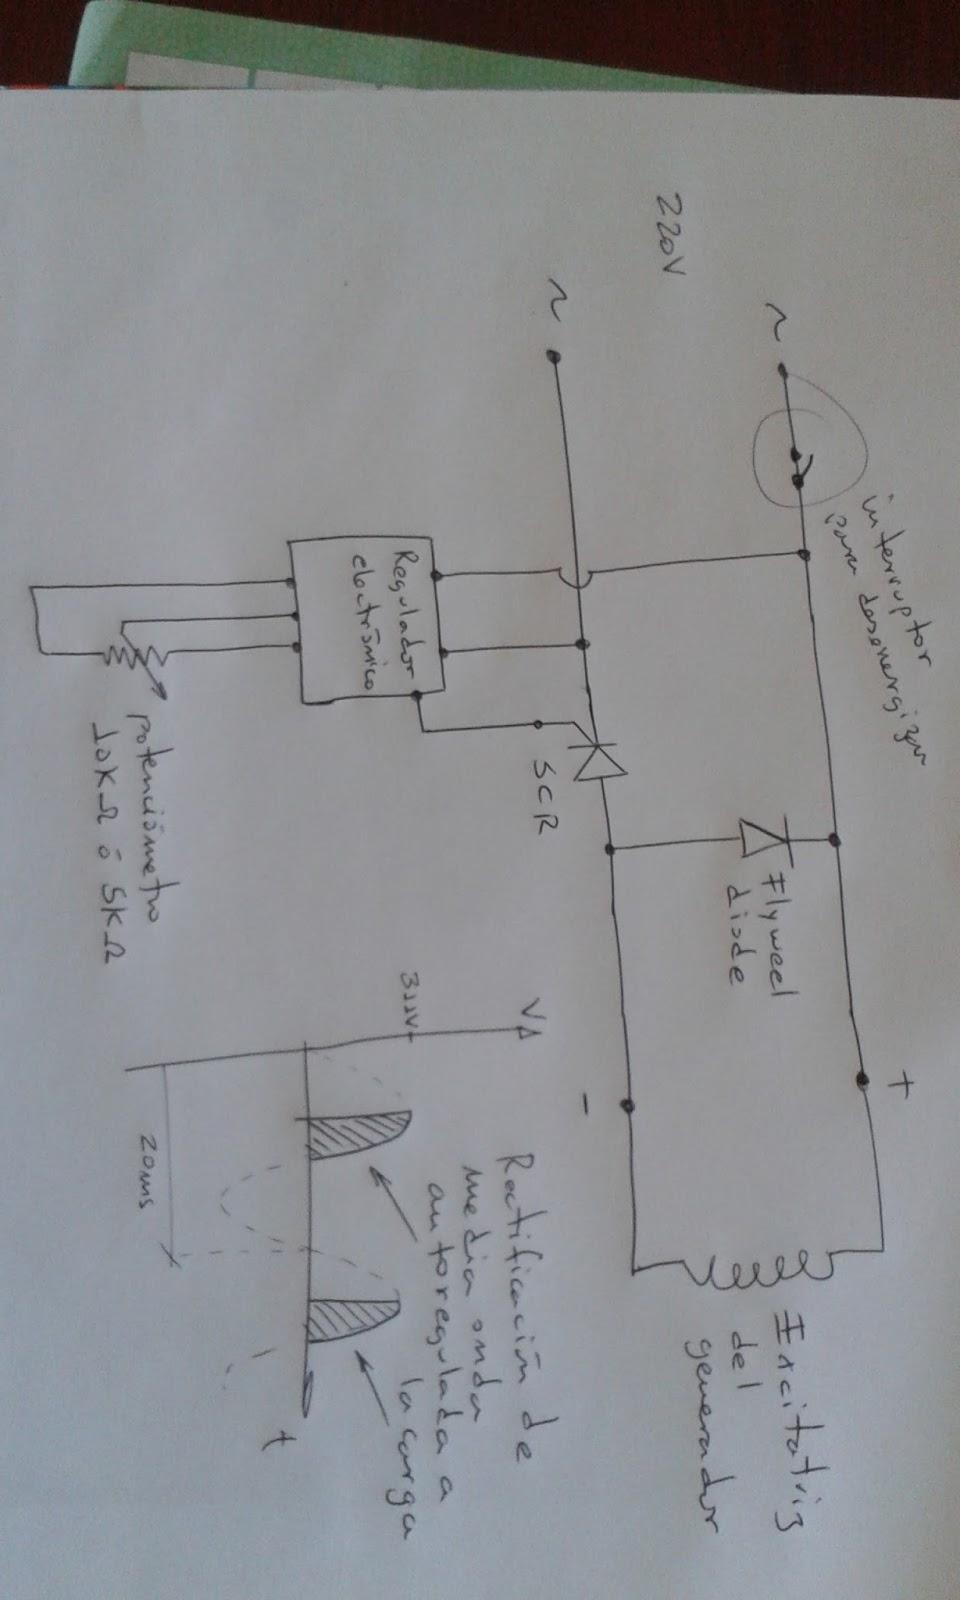 Circuito Regulador De Voltaje : Electronica para maquinaria circuito básico de un